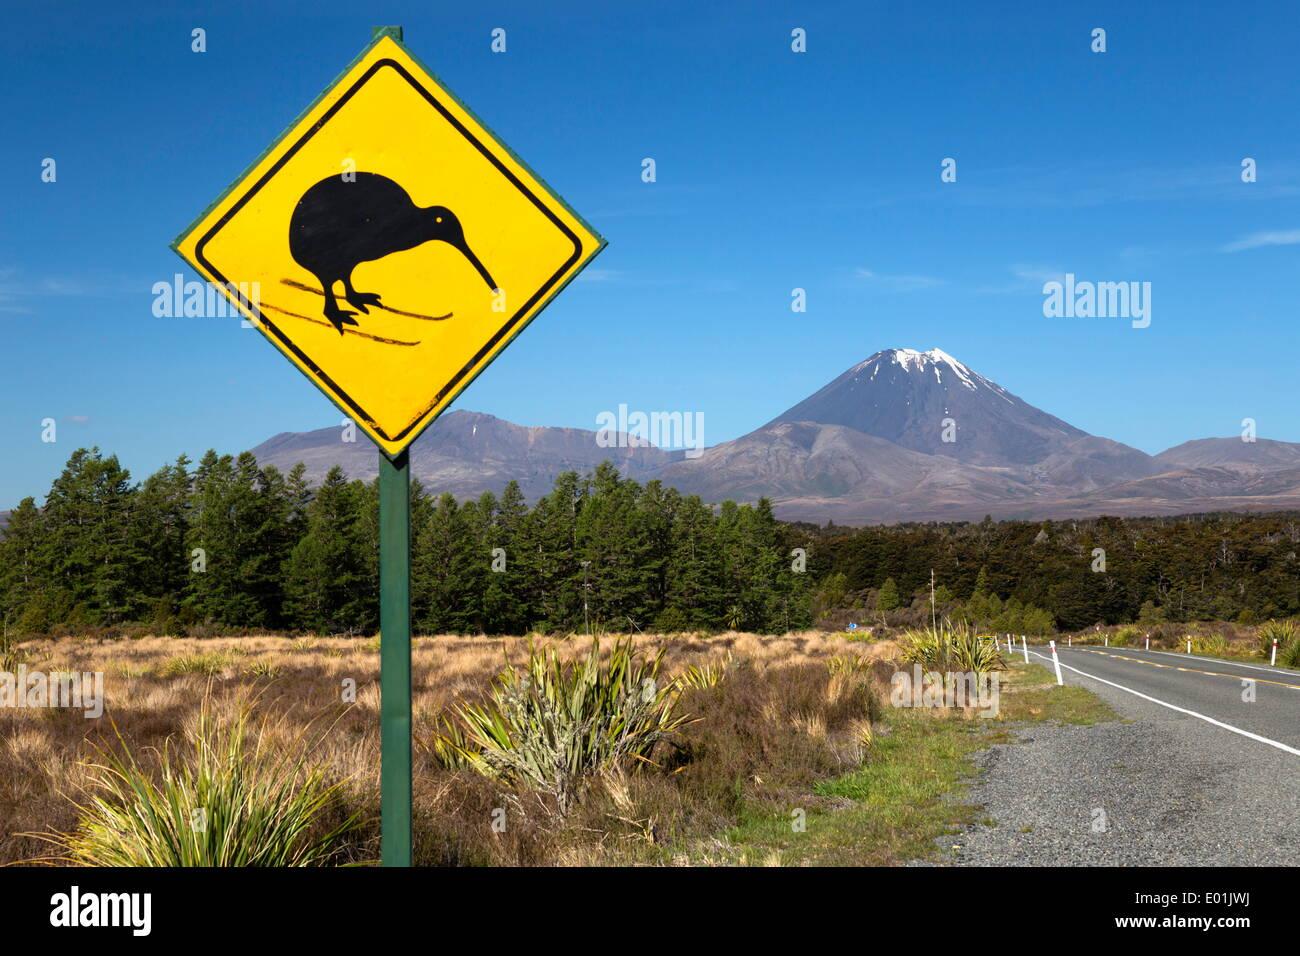 Mount Ngauruhoe with Kiwi crossing sign, Tongariro National Park, UNESCO World Heritage Site, North Island, New Zealand, Pacific - Stock Image